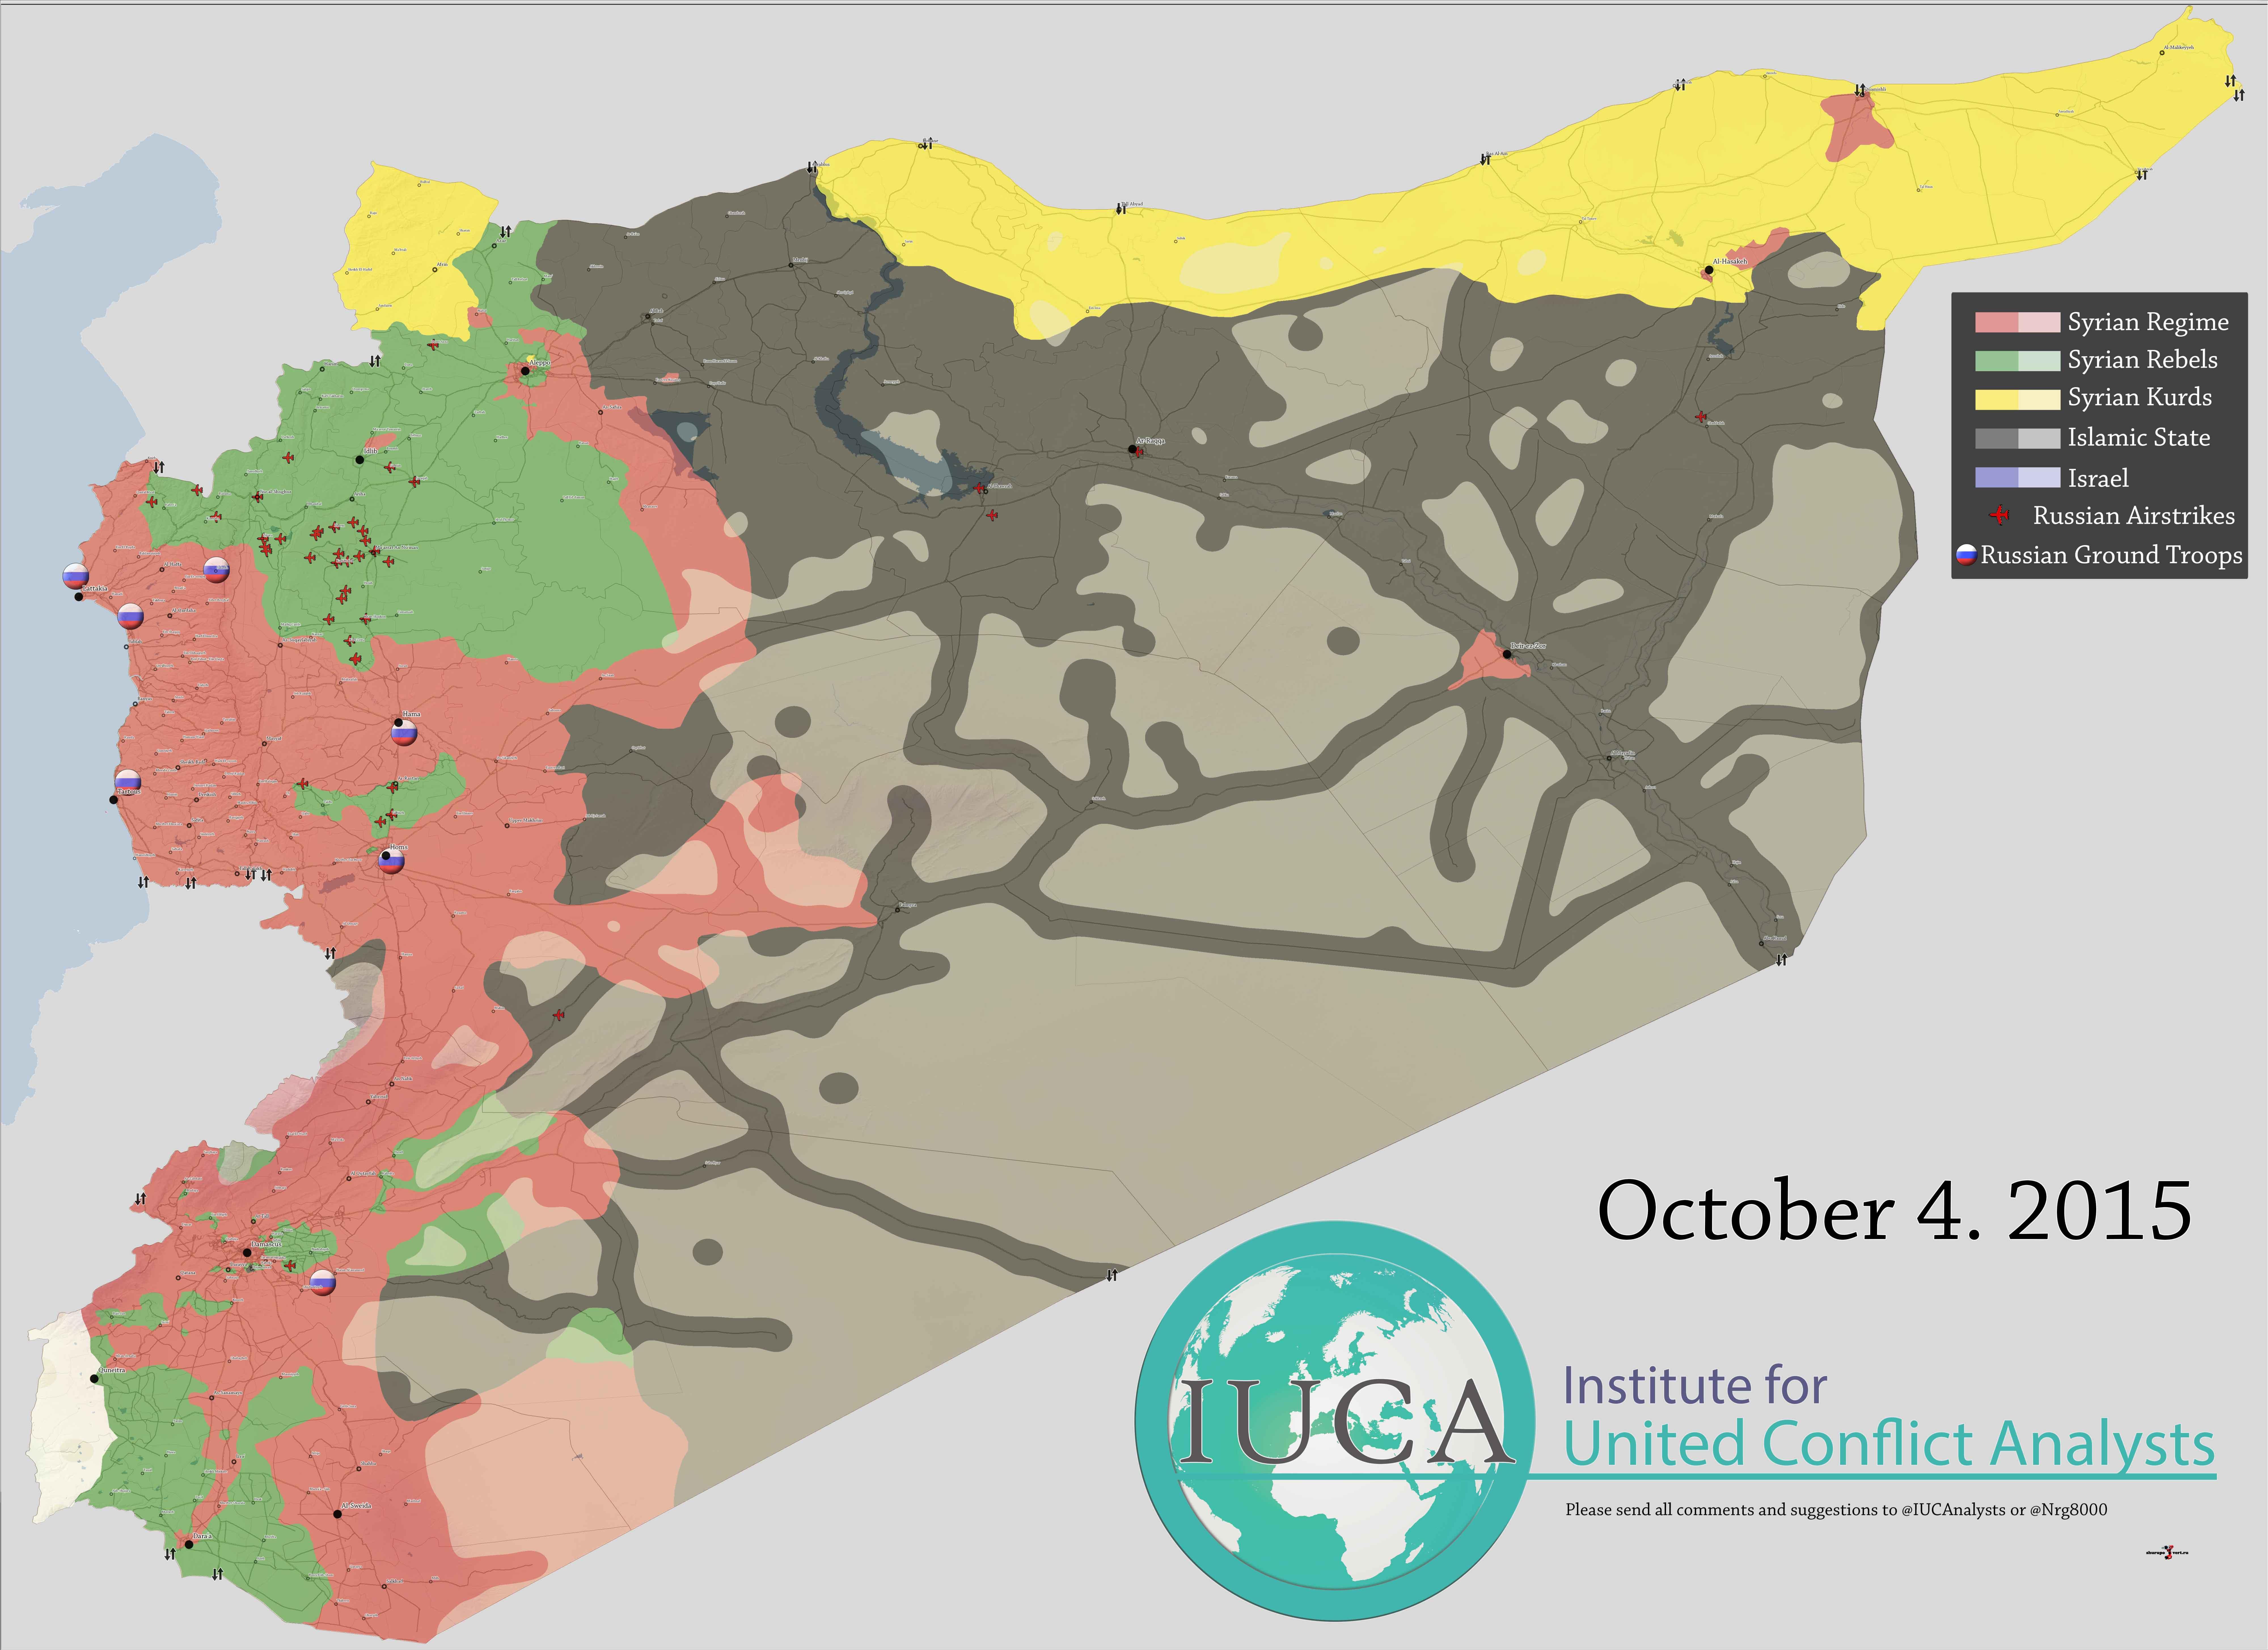 Подробная карта Сирии с расстановкой всех сил конфликта (Асад, ИГИЛ, оппозиция, курды) и мест нанесения авиаударов российских войск октябрь 2015 года